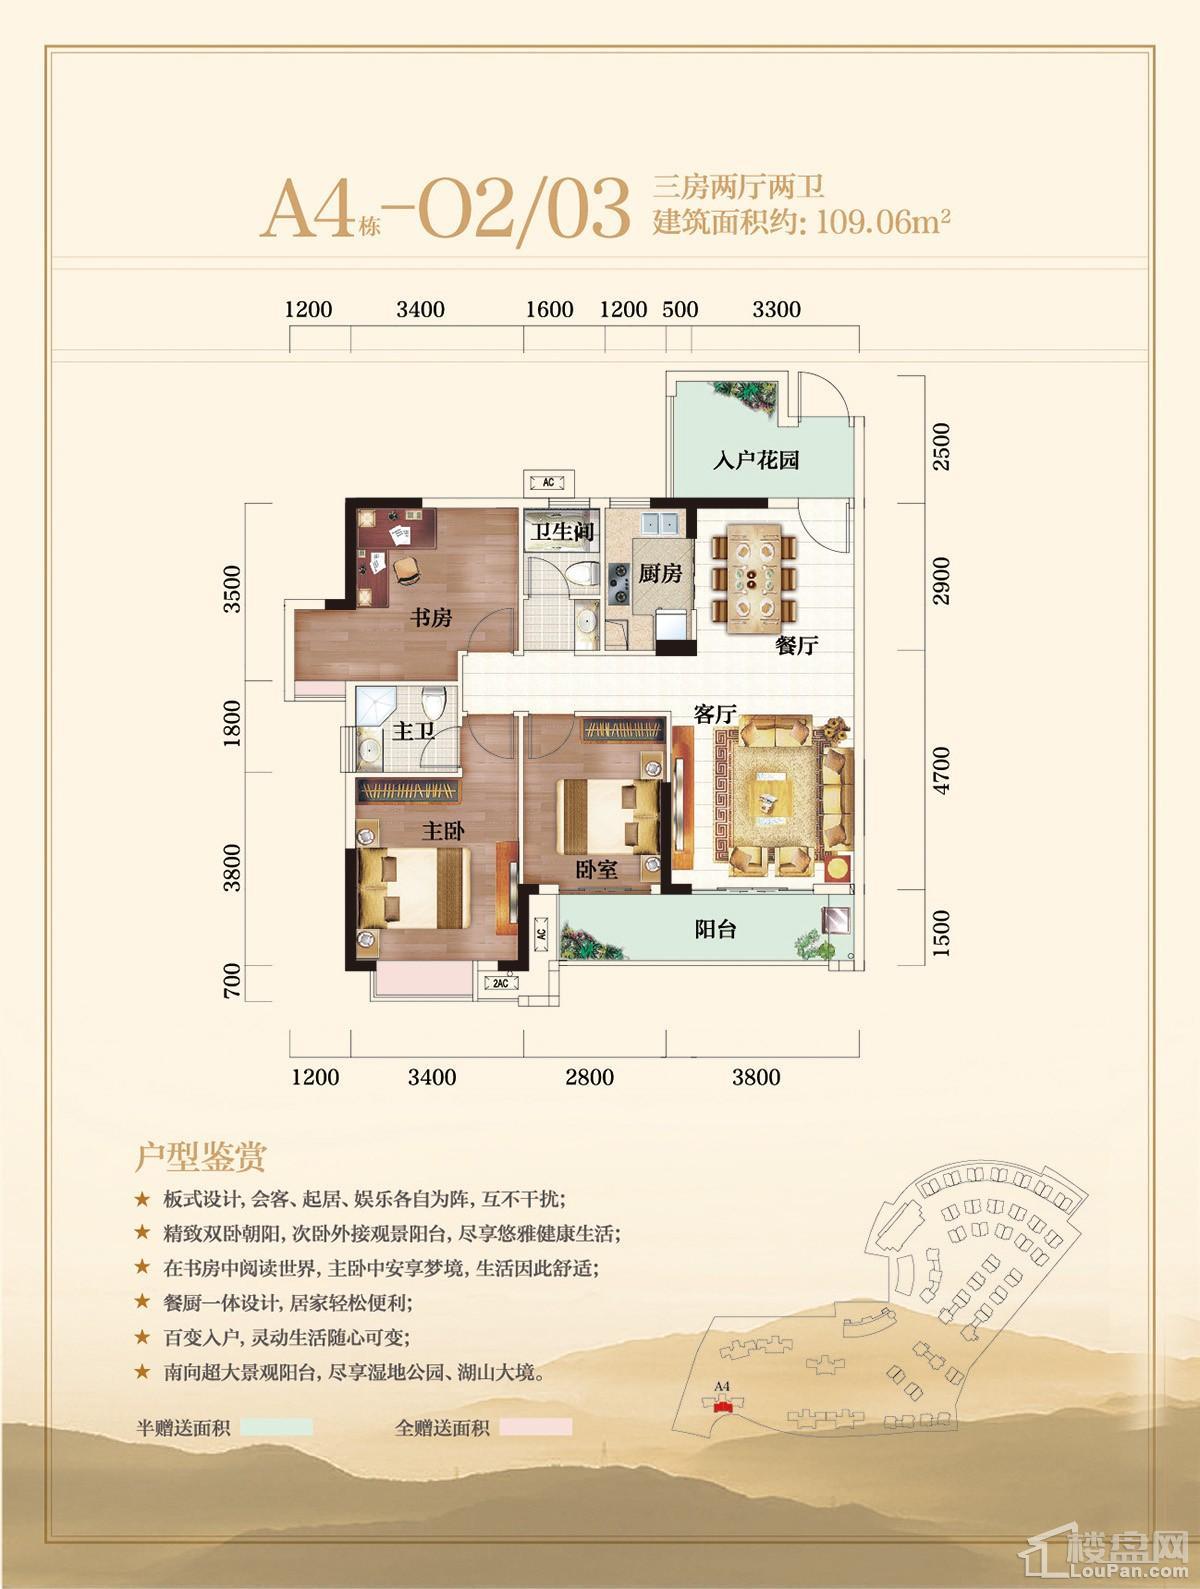 九龙湾A4栋0203户型